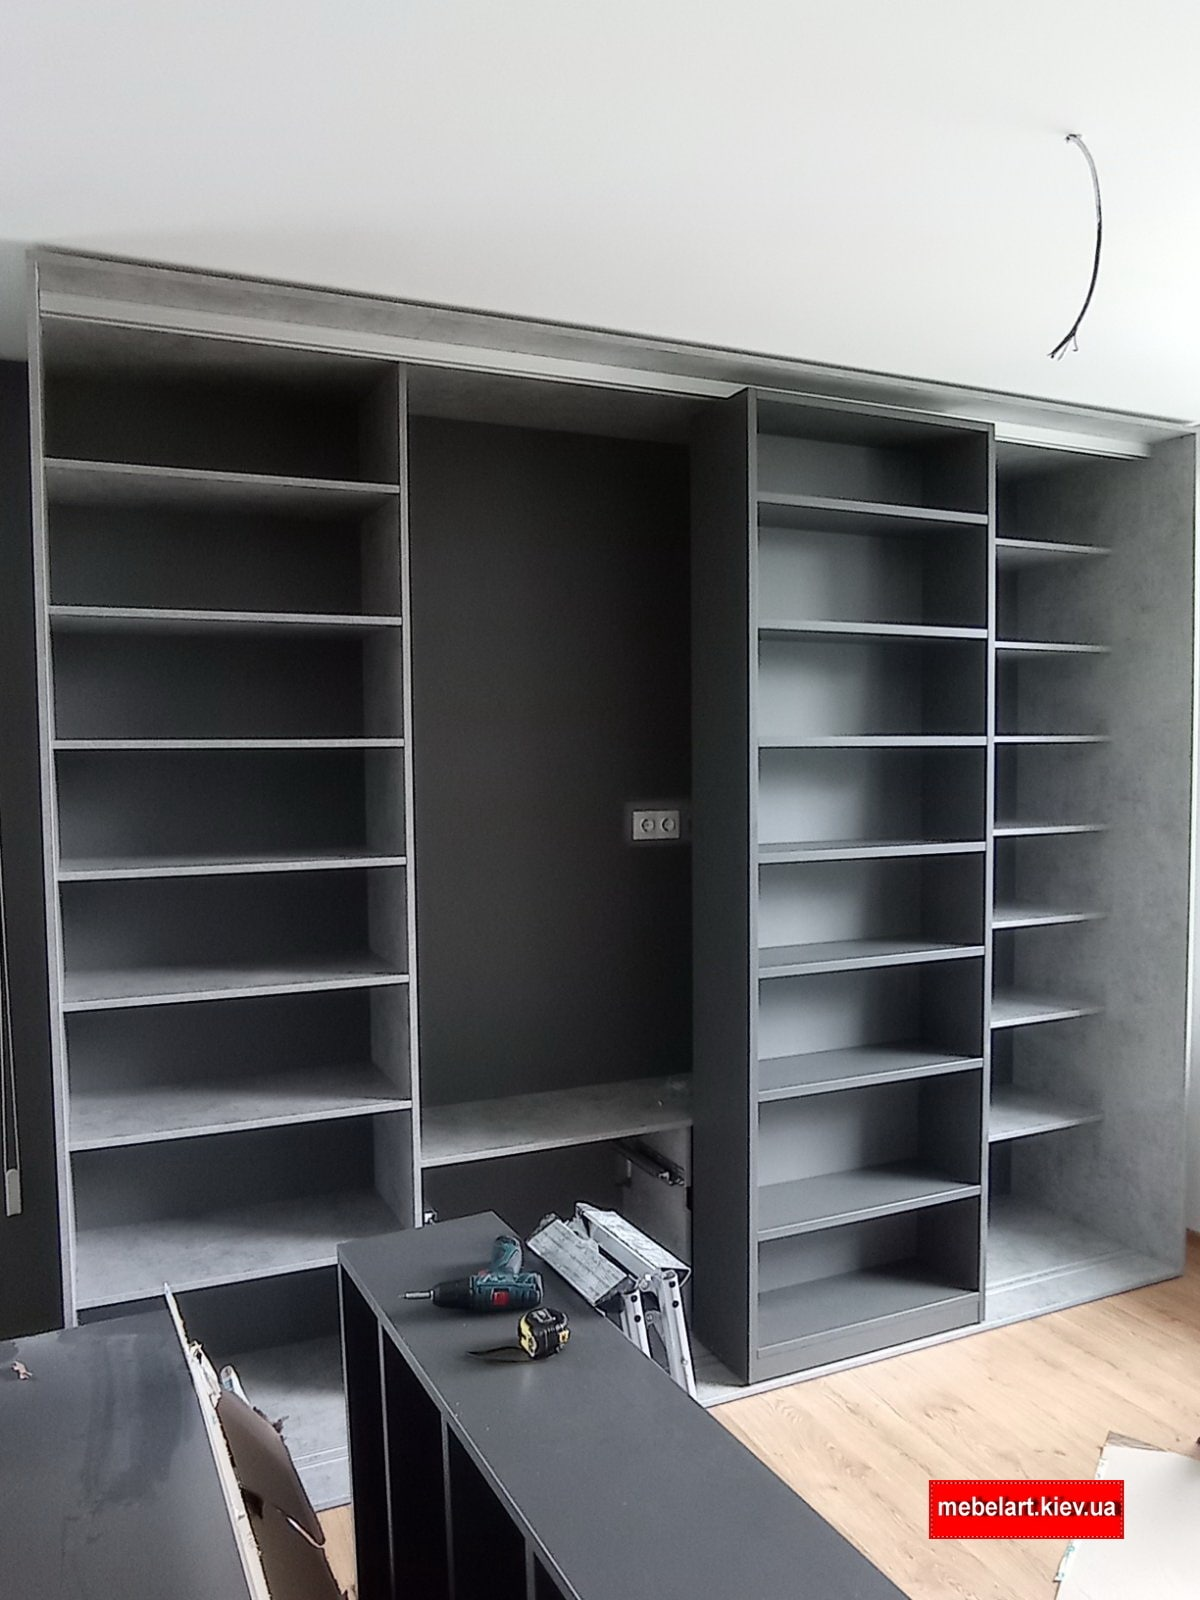 Шкаф кровать библиотека - Шкаф трансформер